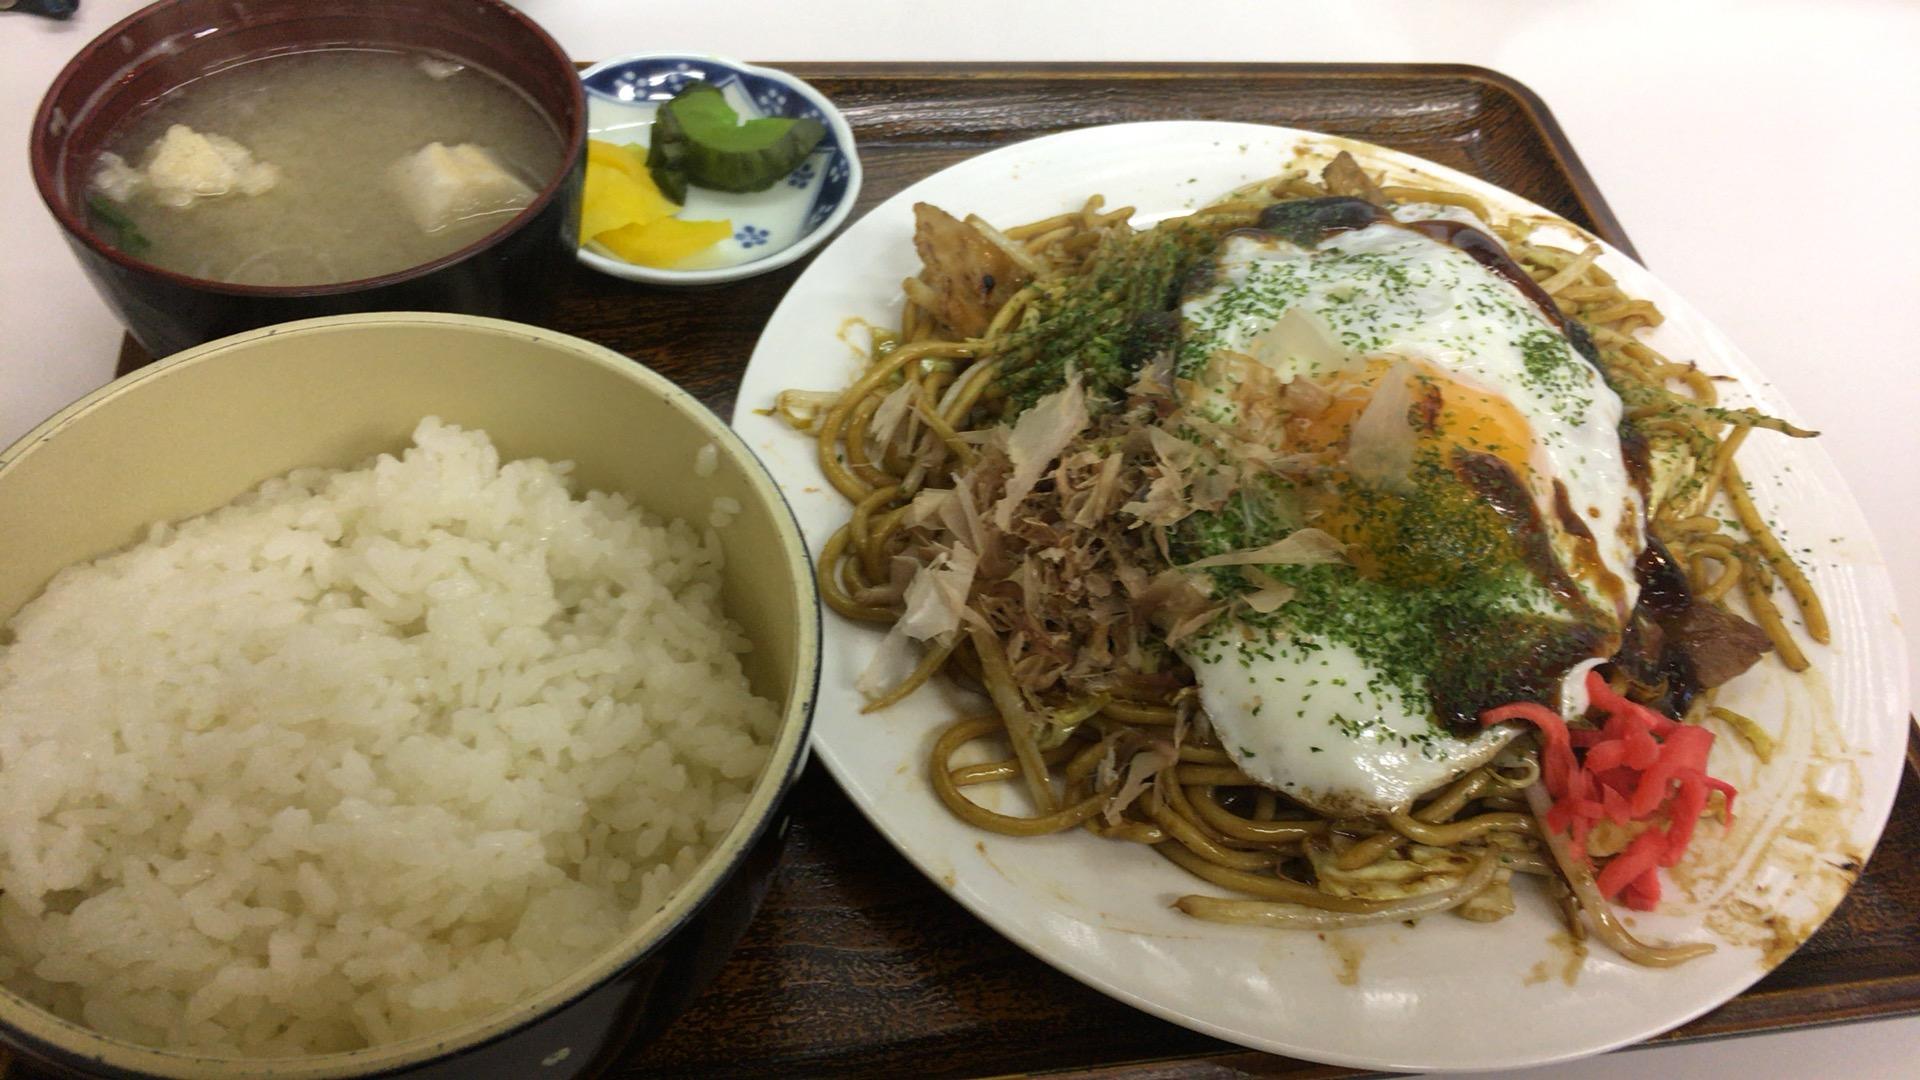 【しま田】熊本市東区新外のお好み焼き・焼きそばが食べられる店!